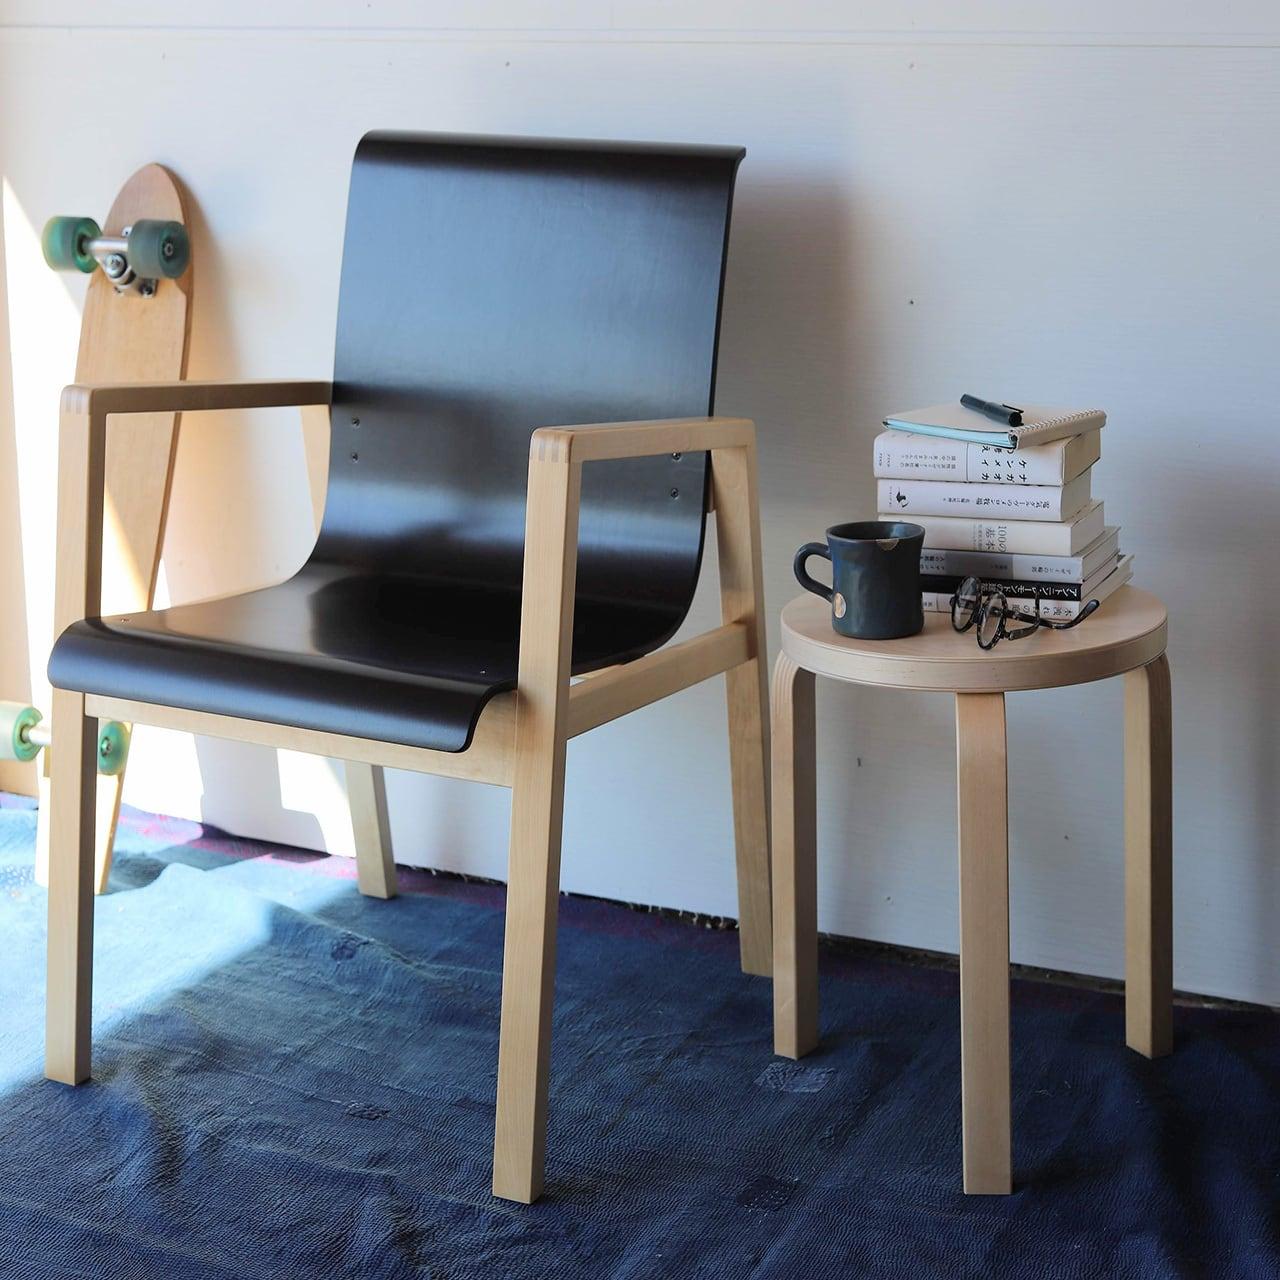 artek armchair 403 hallway